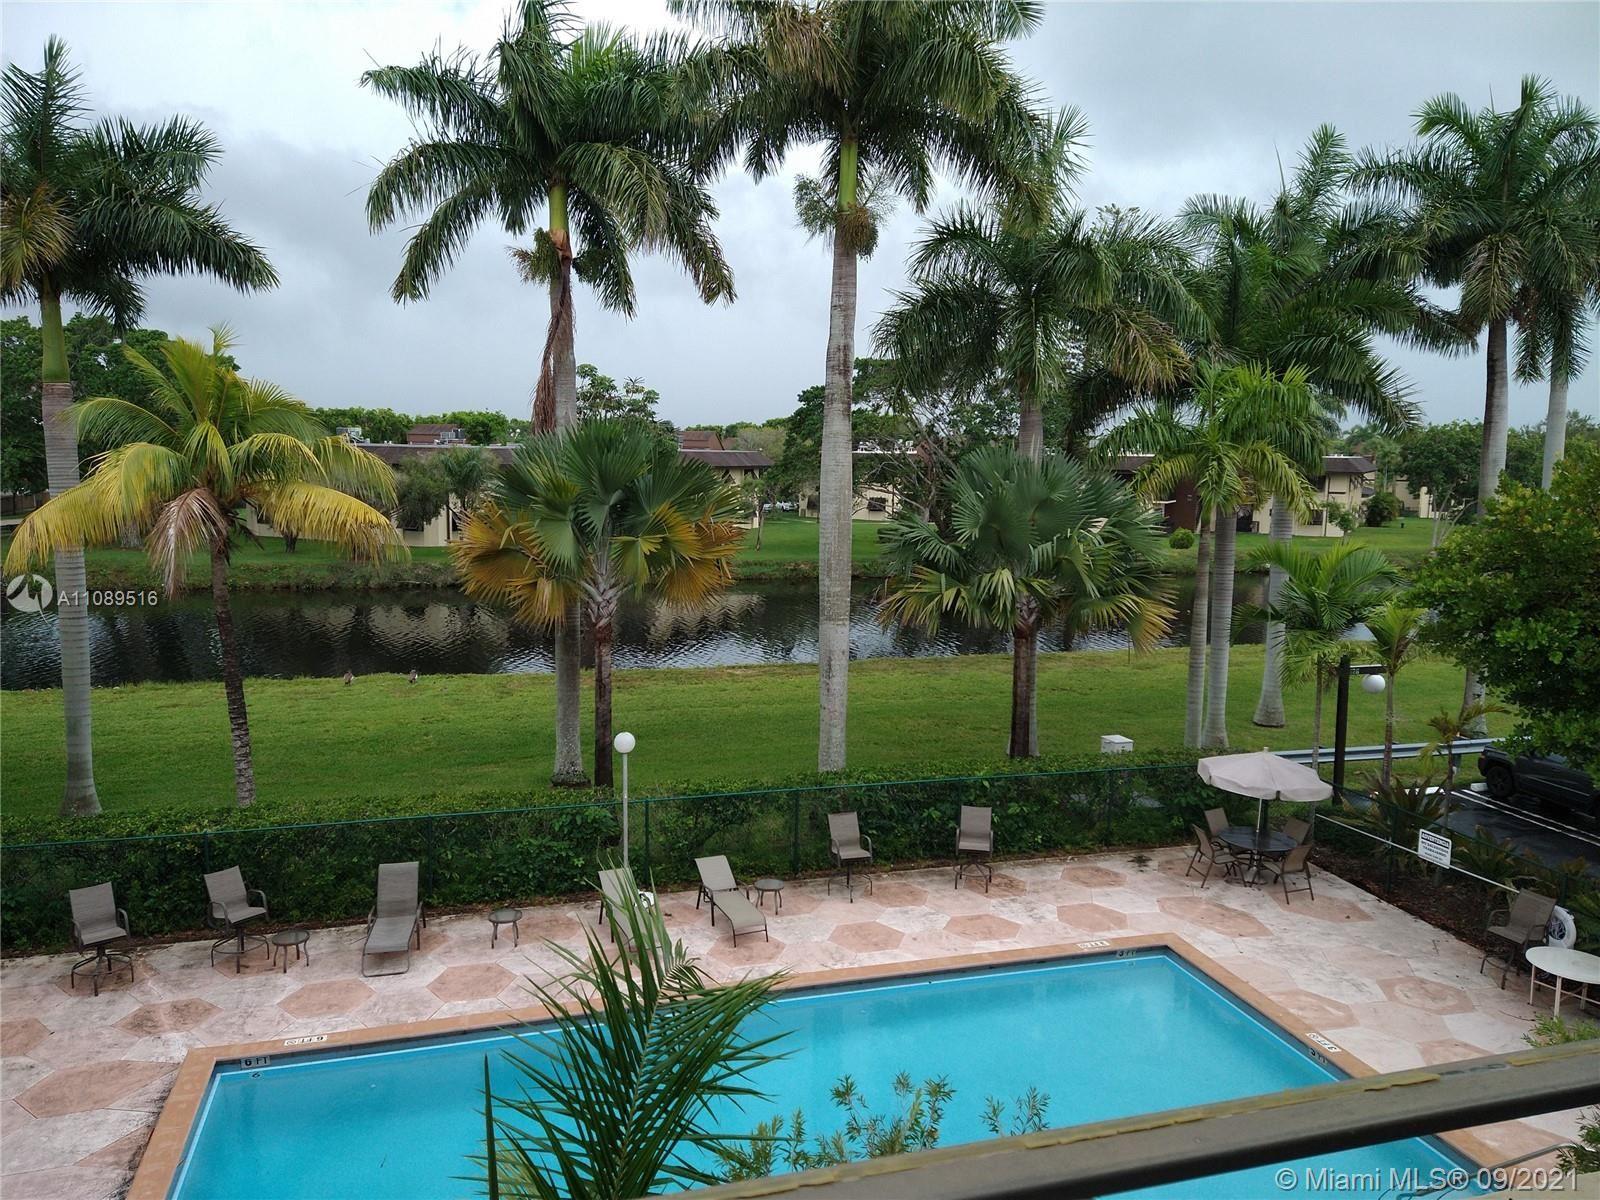 7900 Camino Cir #309, Miami, FL 33143 - #: A11089516